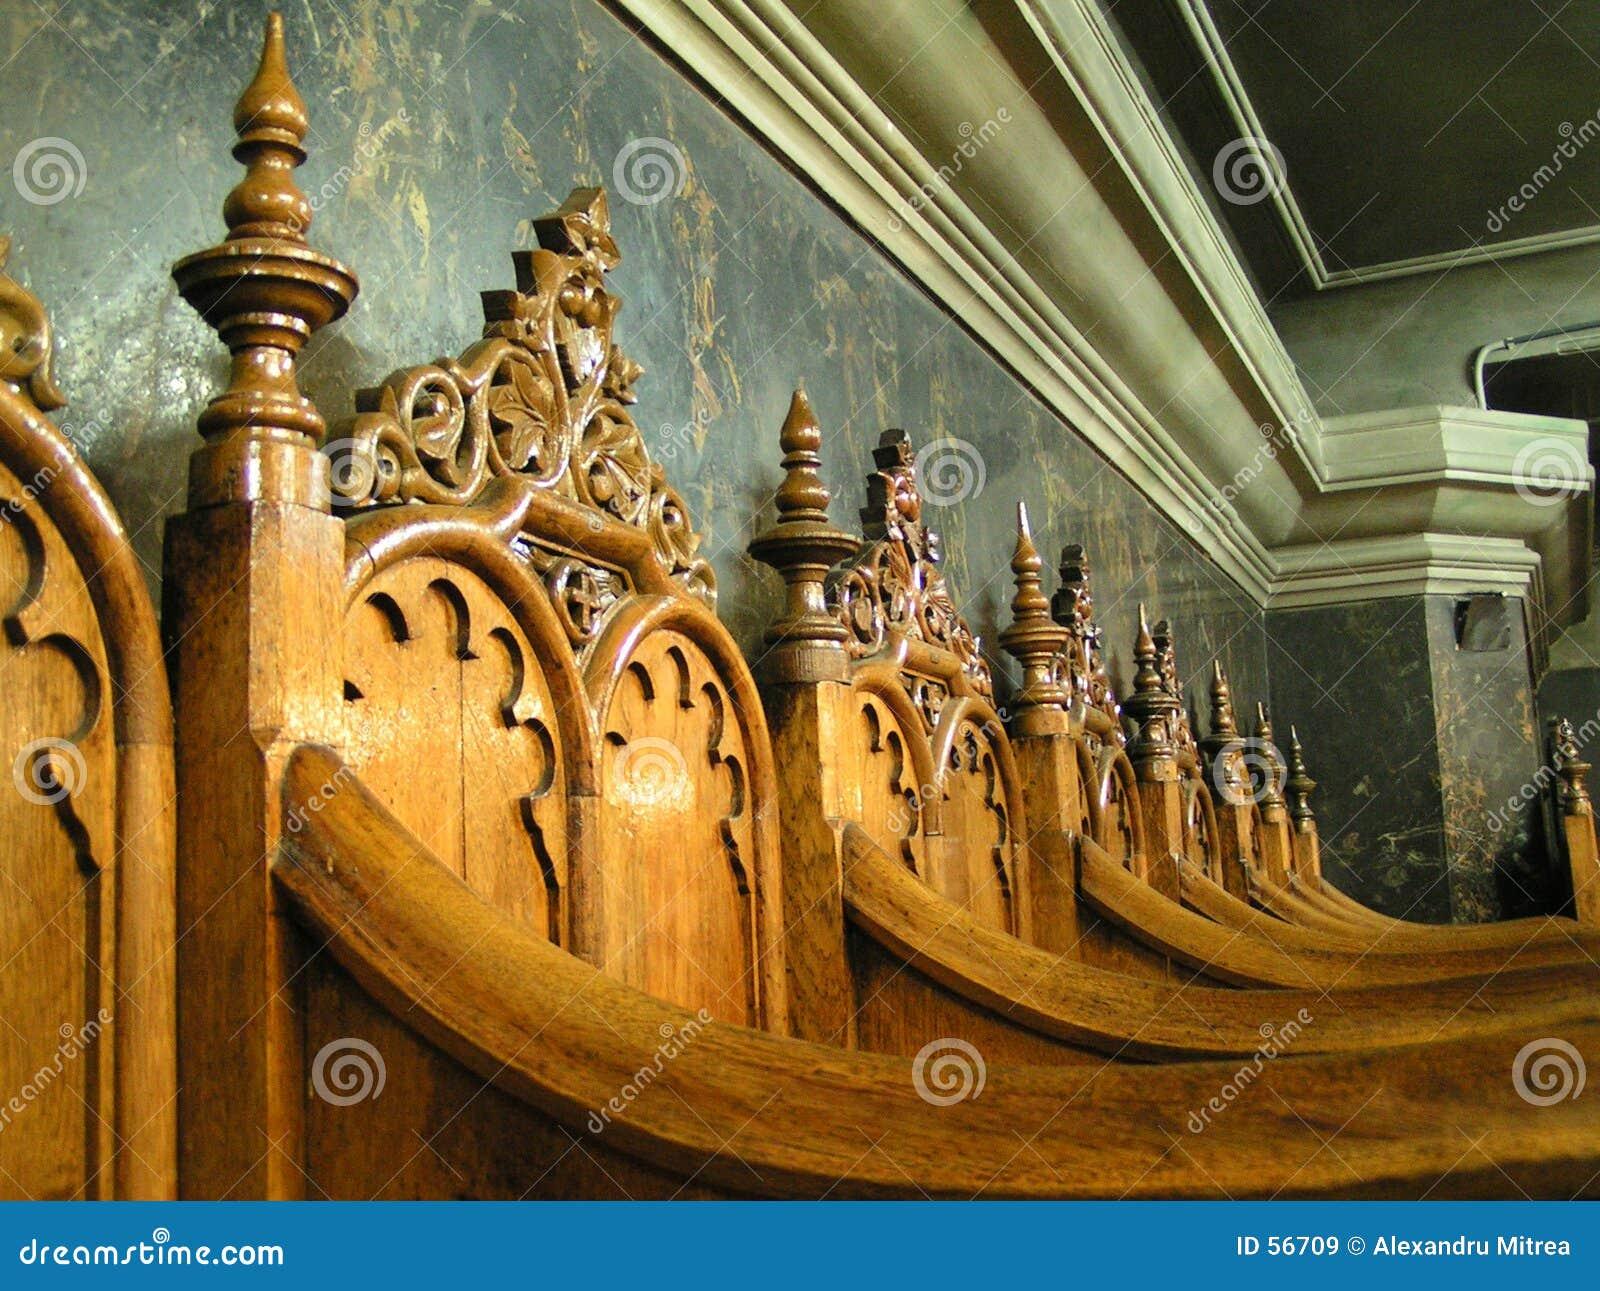 Download Présidences d'église image stock. Image du bois, présidences - 56709